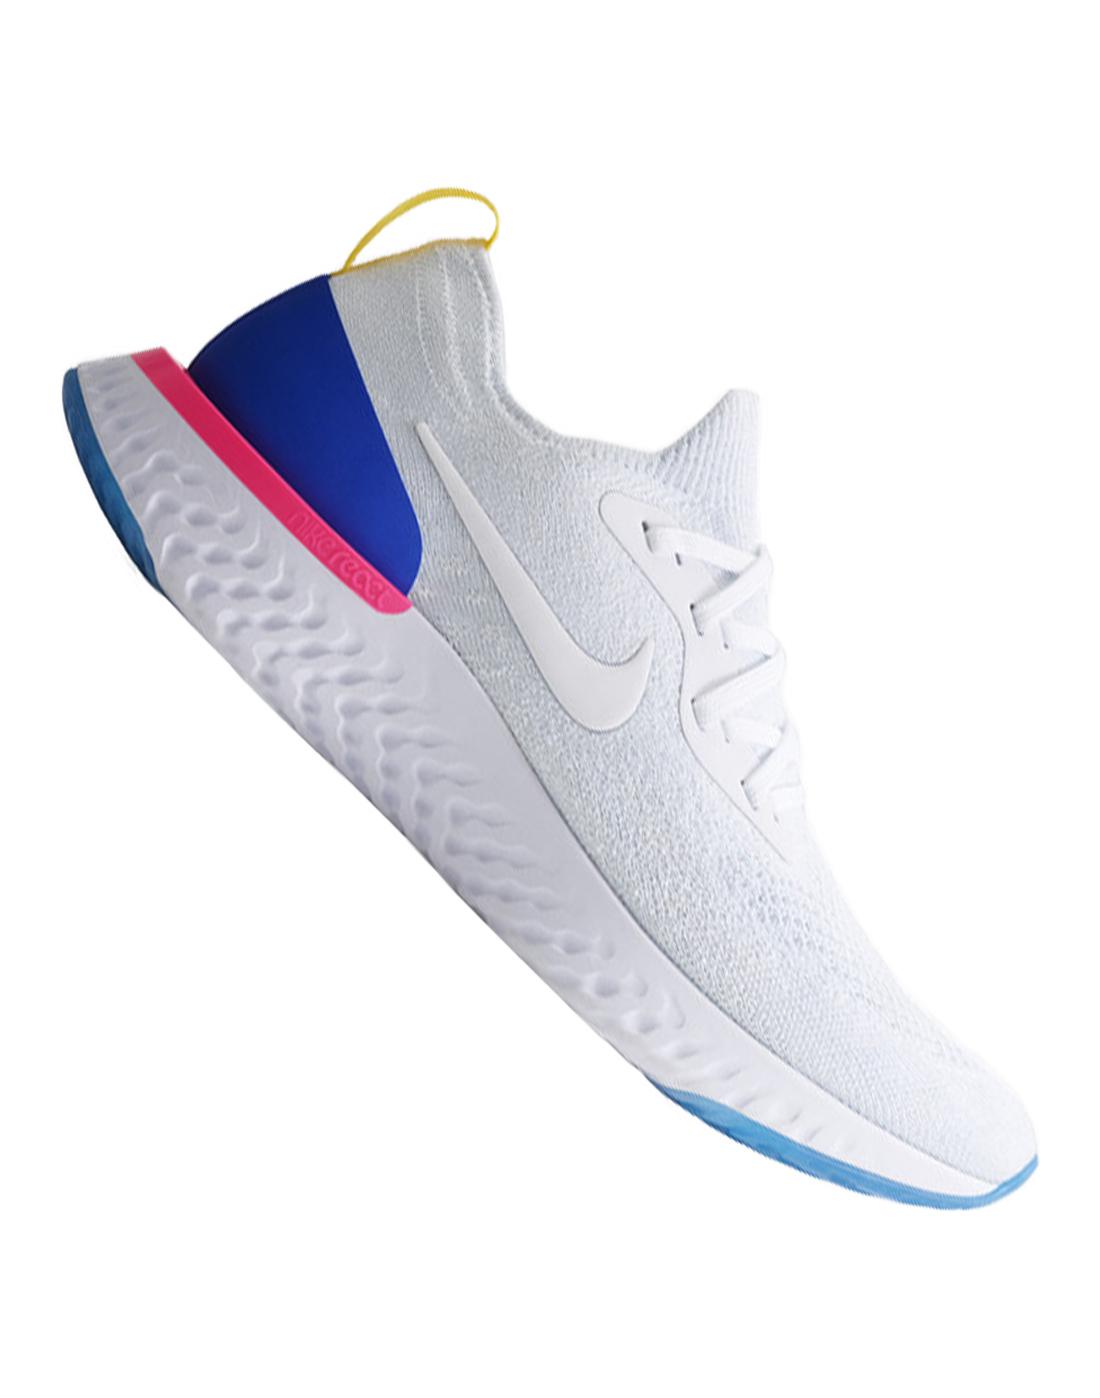 173a1beff95e6 Men s Nike React Running Shoes